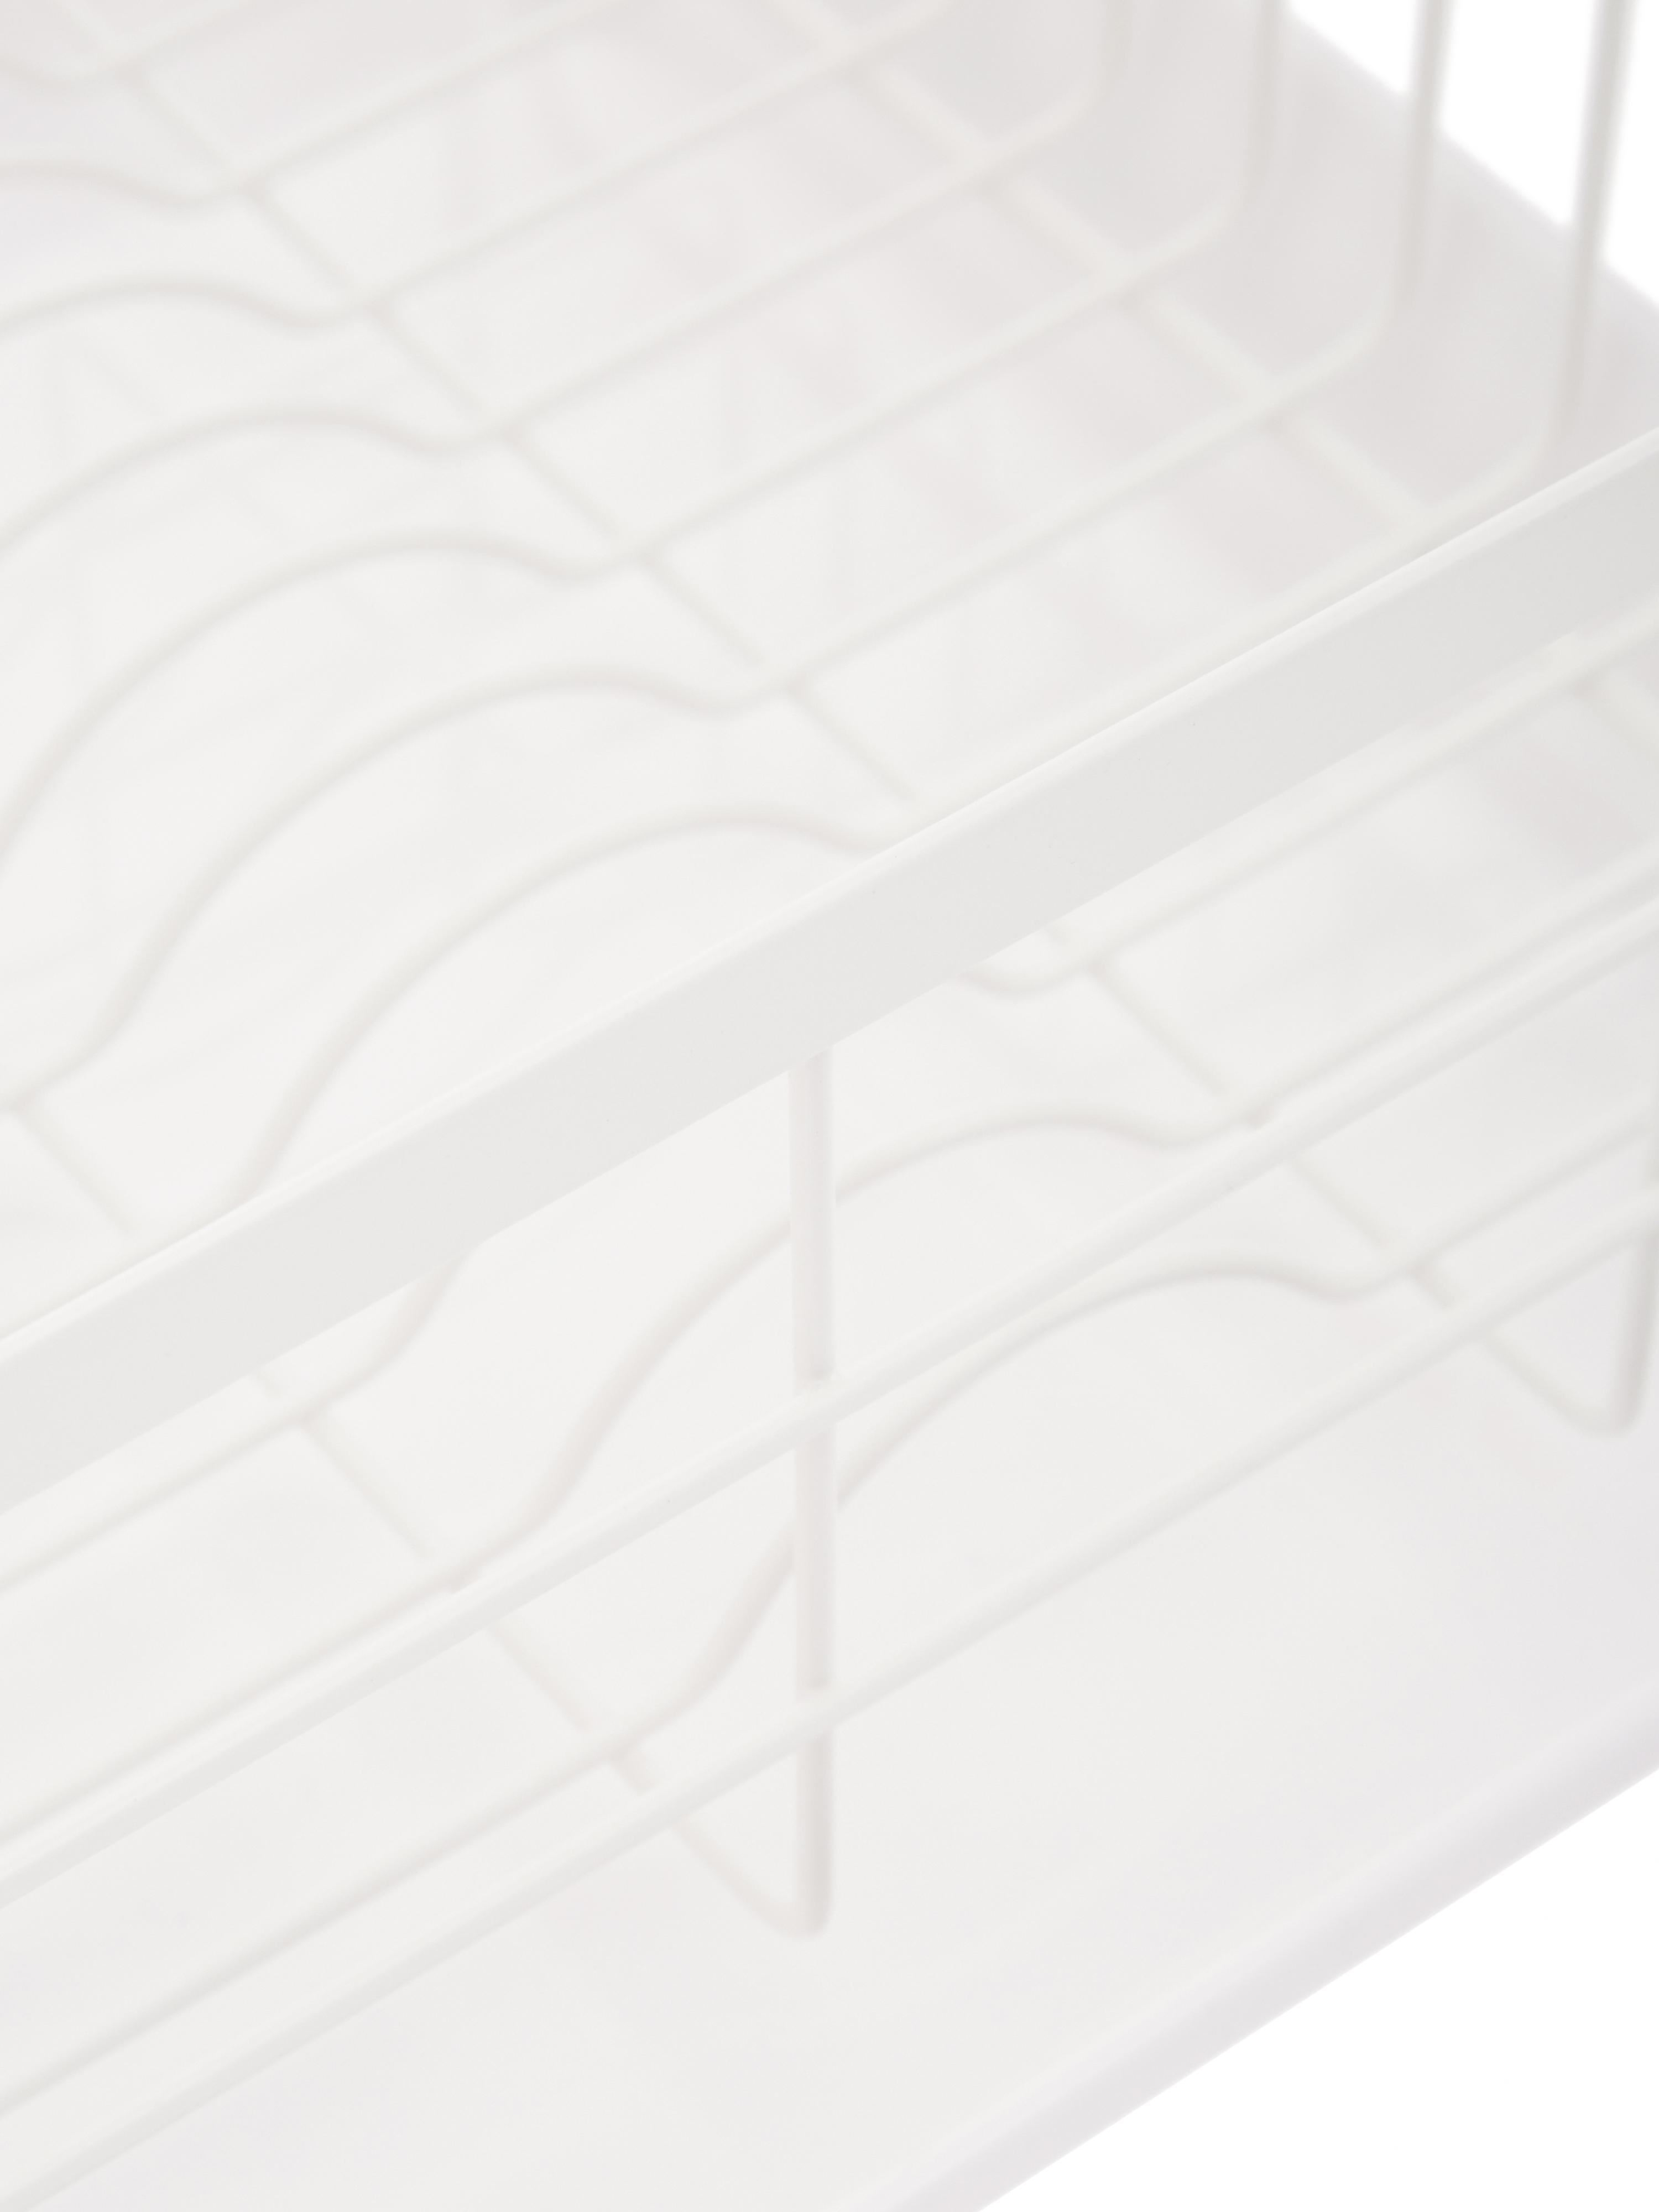 Suszarka do naczyń  Tosca, Biały, drewno naturalne, S 47 x W 20 cm